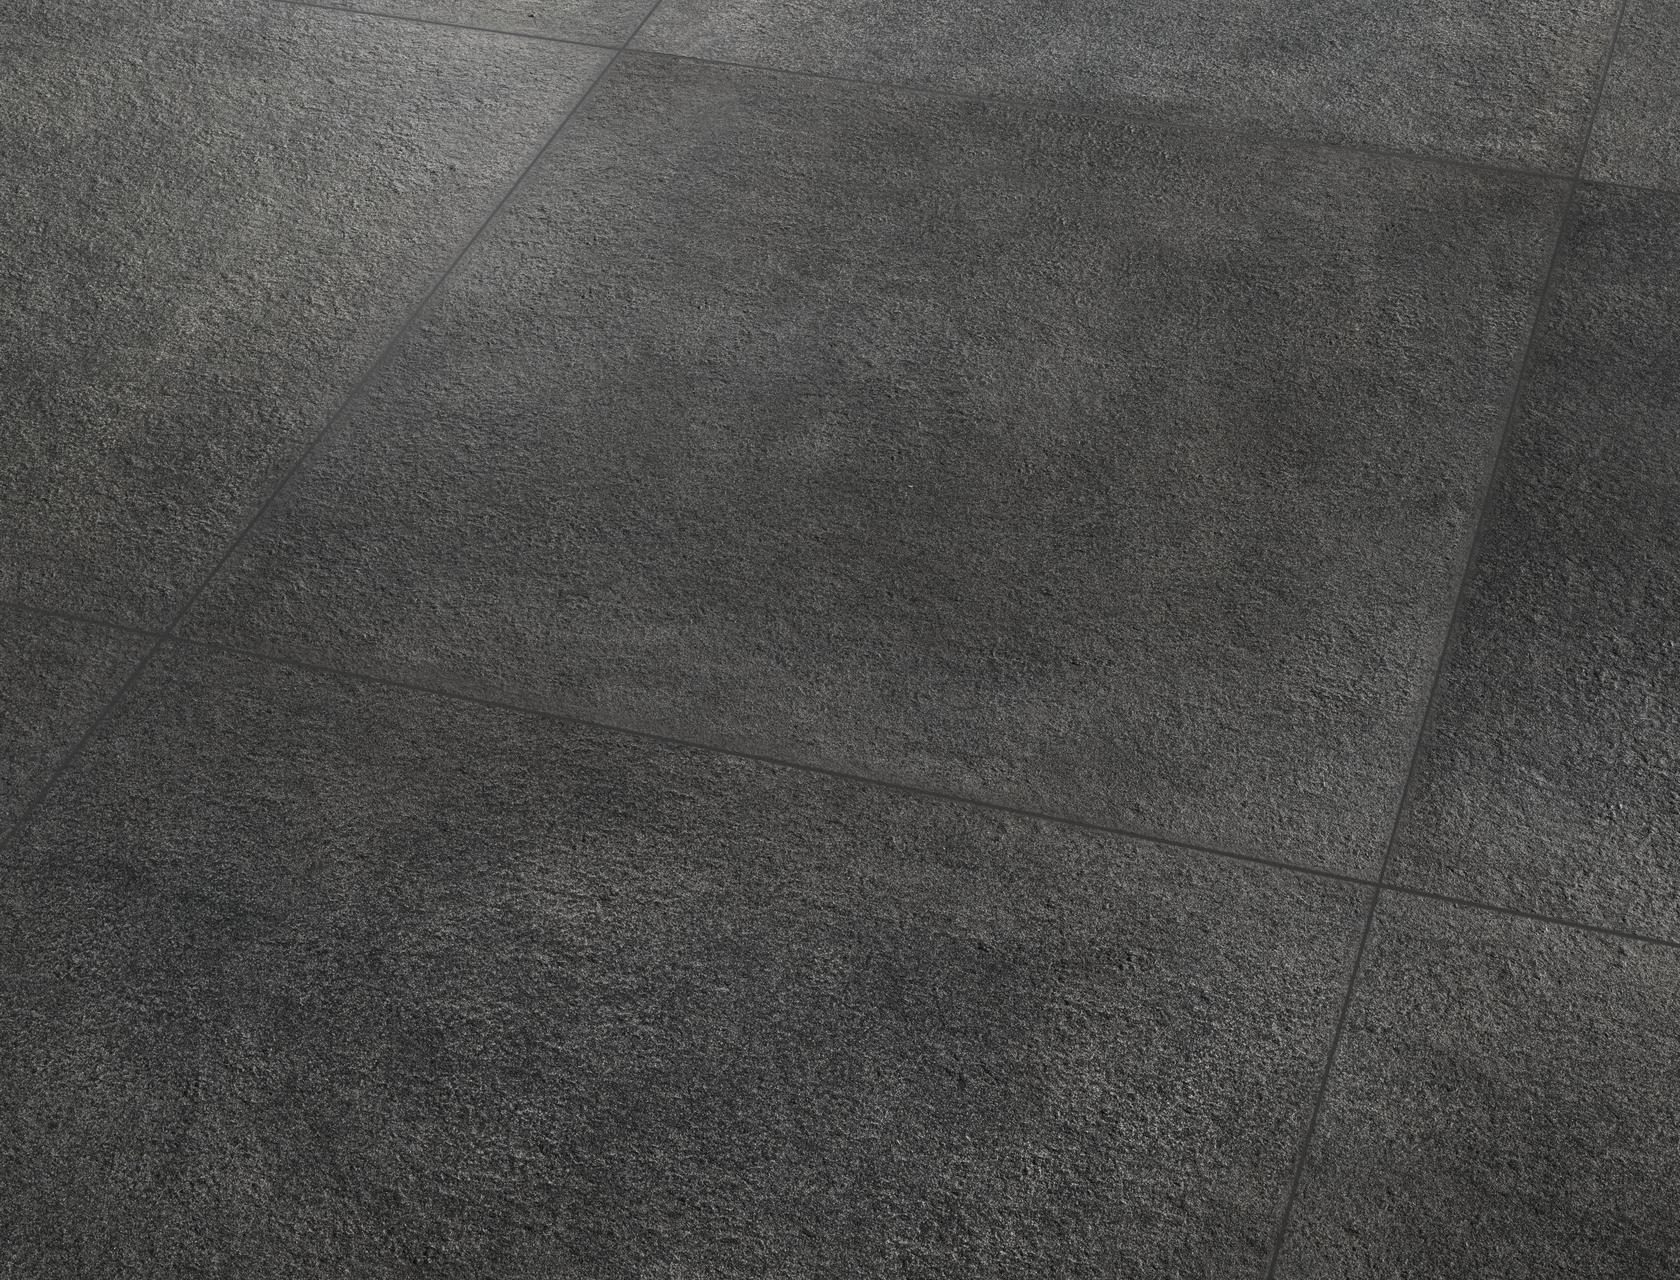 Pavimento Grigio Antracite : Ardesia antracite gres porcellanato grigio chiaro effetto pietra